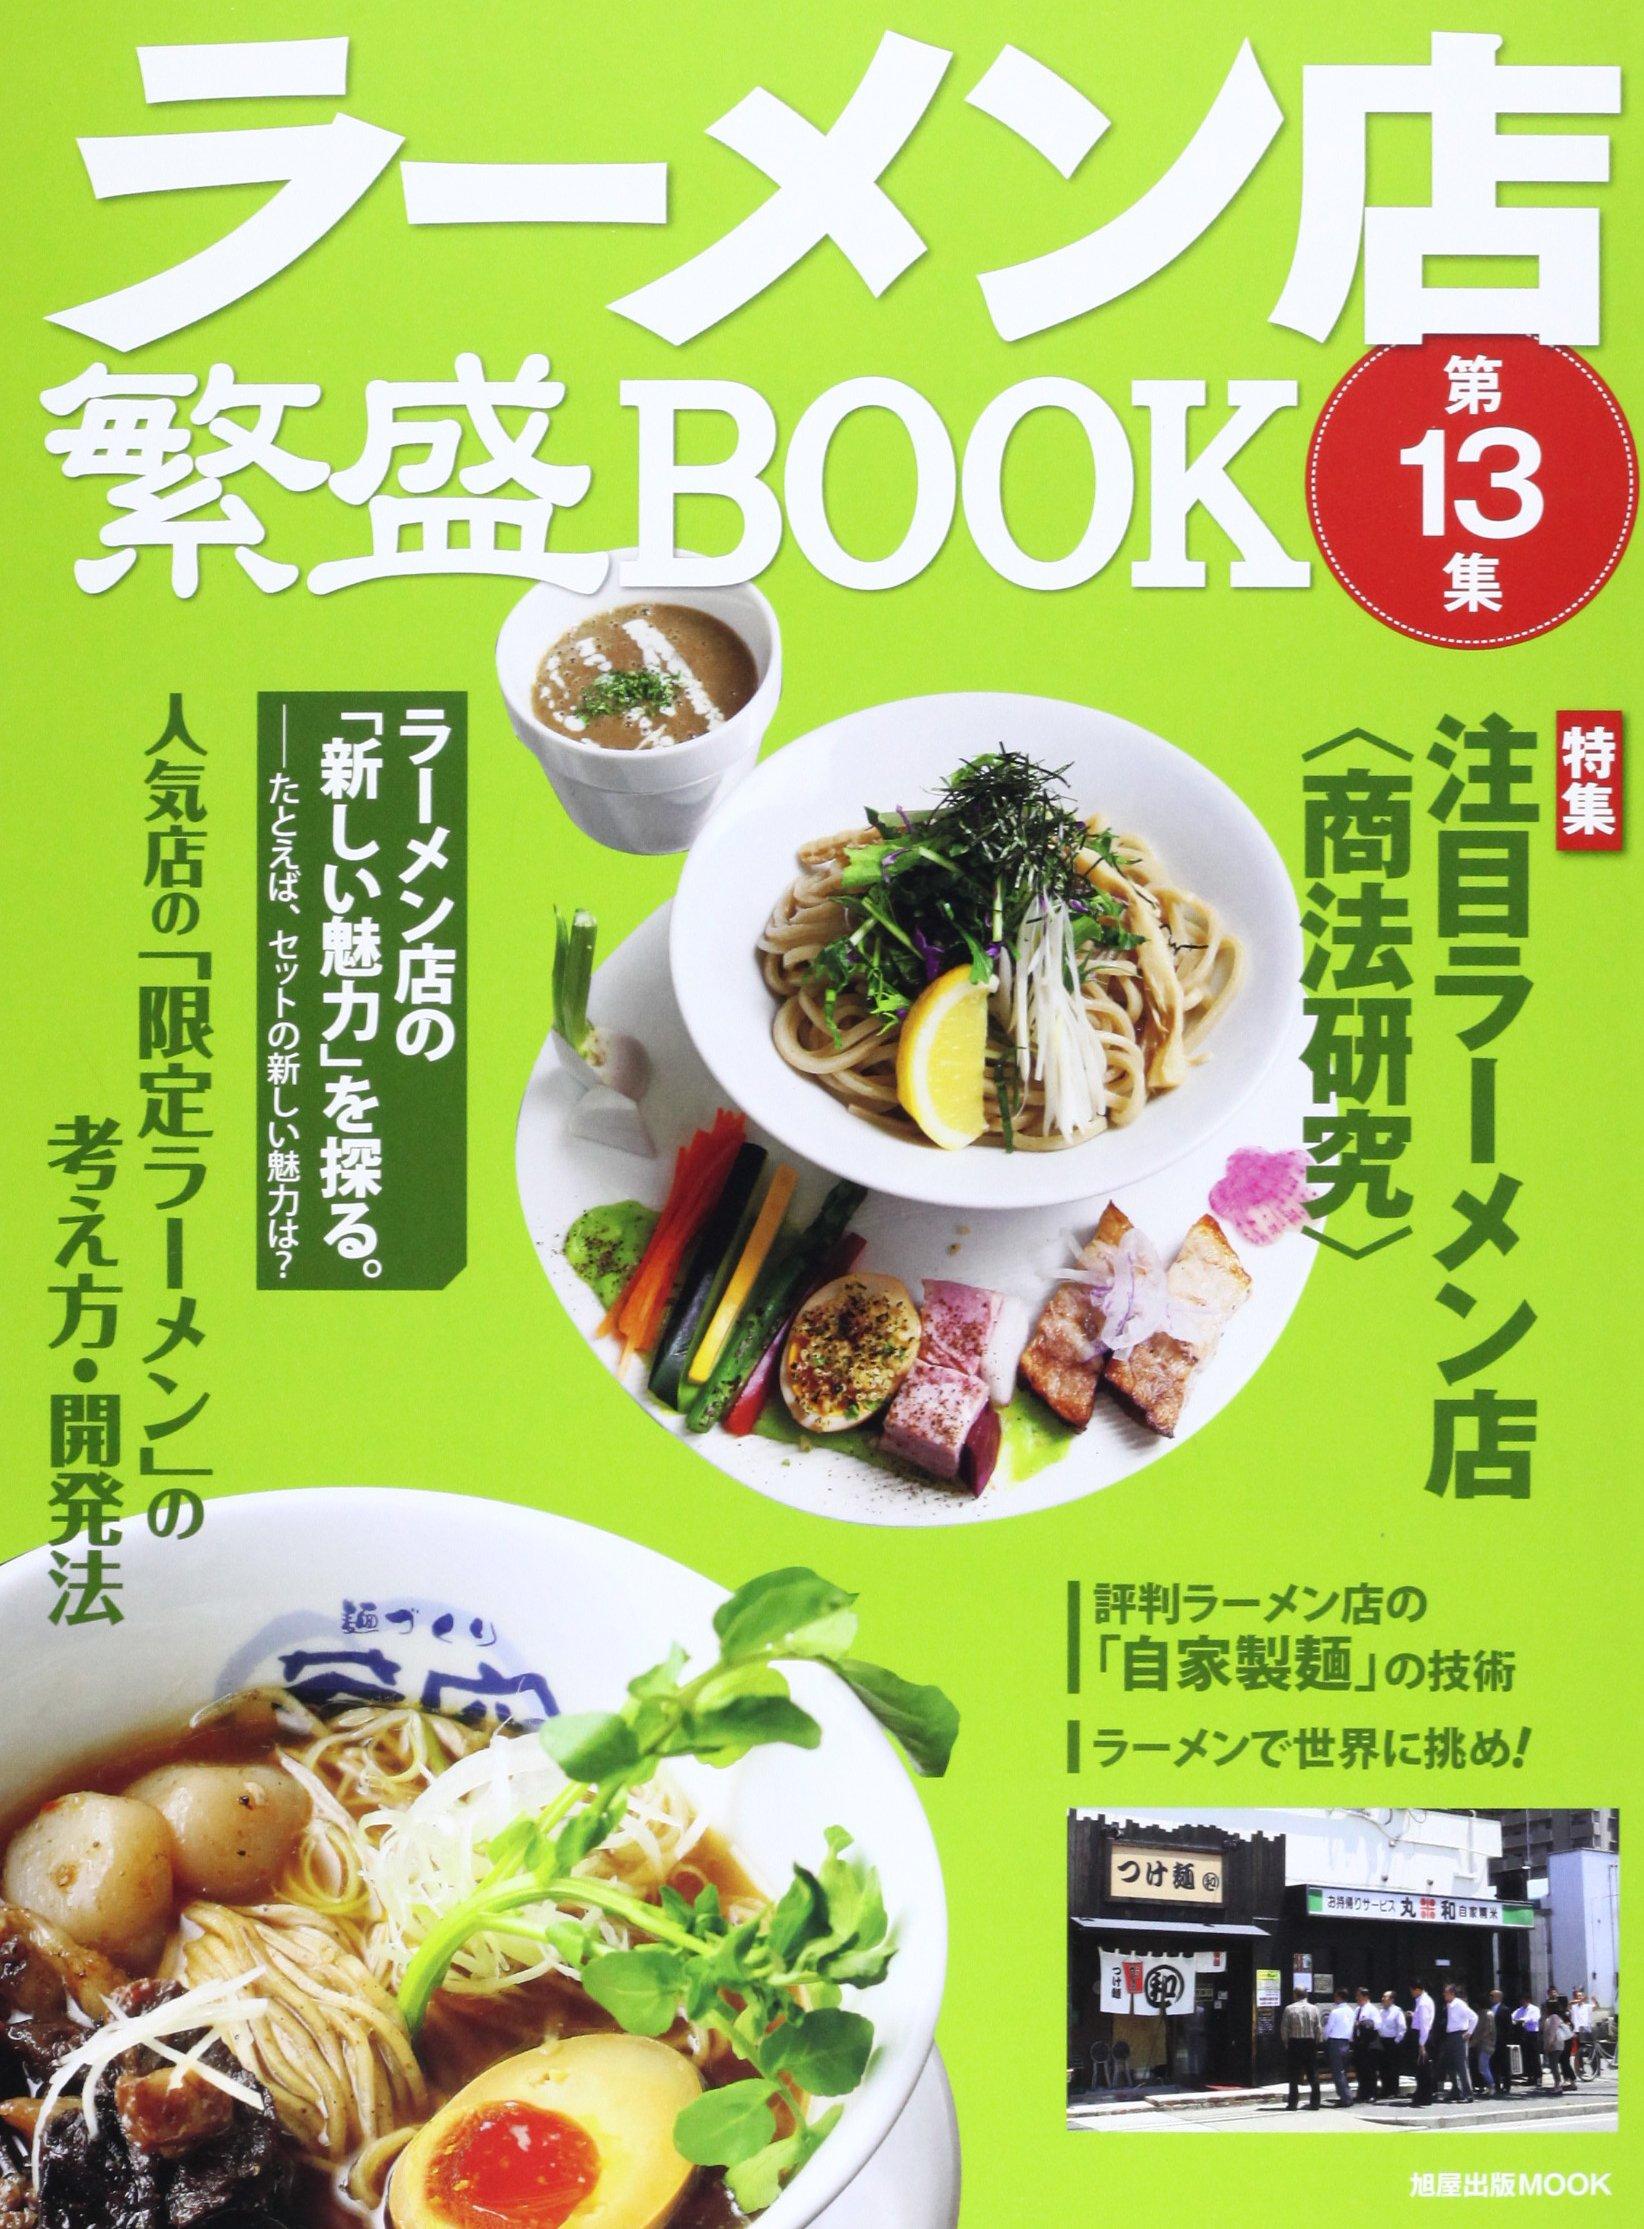 Tokushū chūmoku rāmenten no shōhō kenkyū hyōban rāmenten no jika seimen no gijutsu. ebook